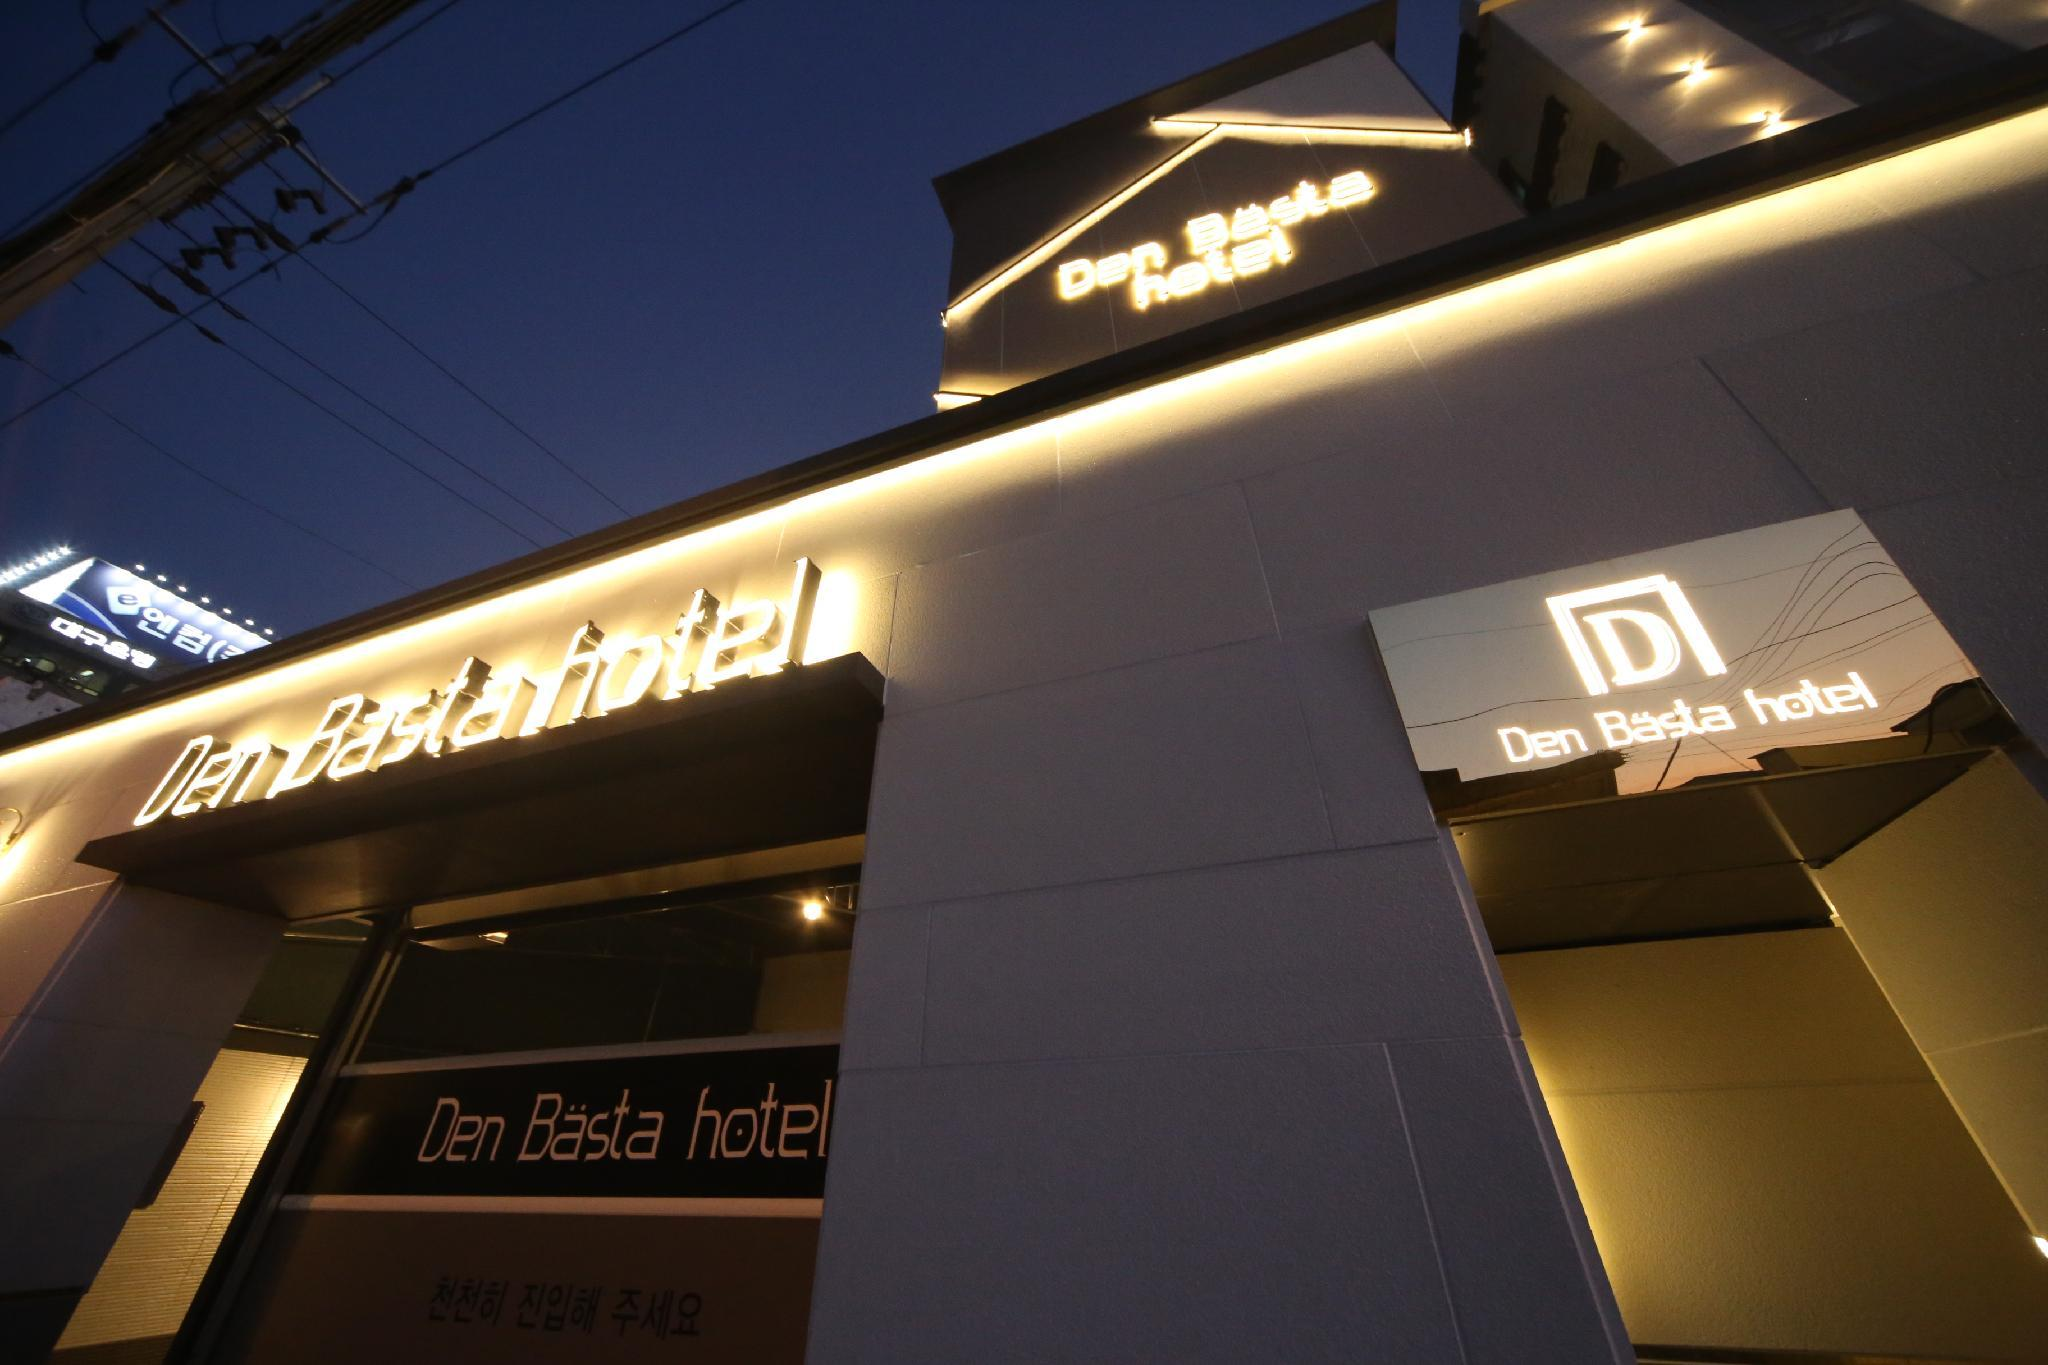 Den Basta Hotel